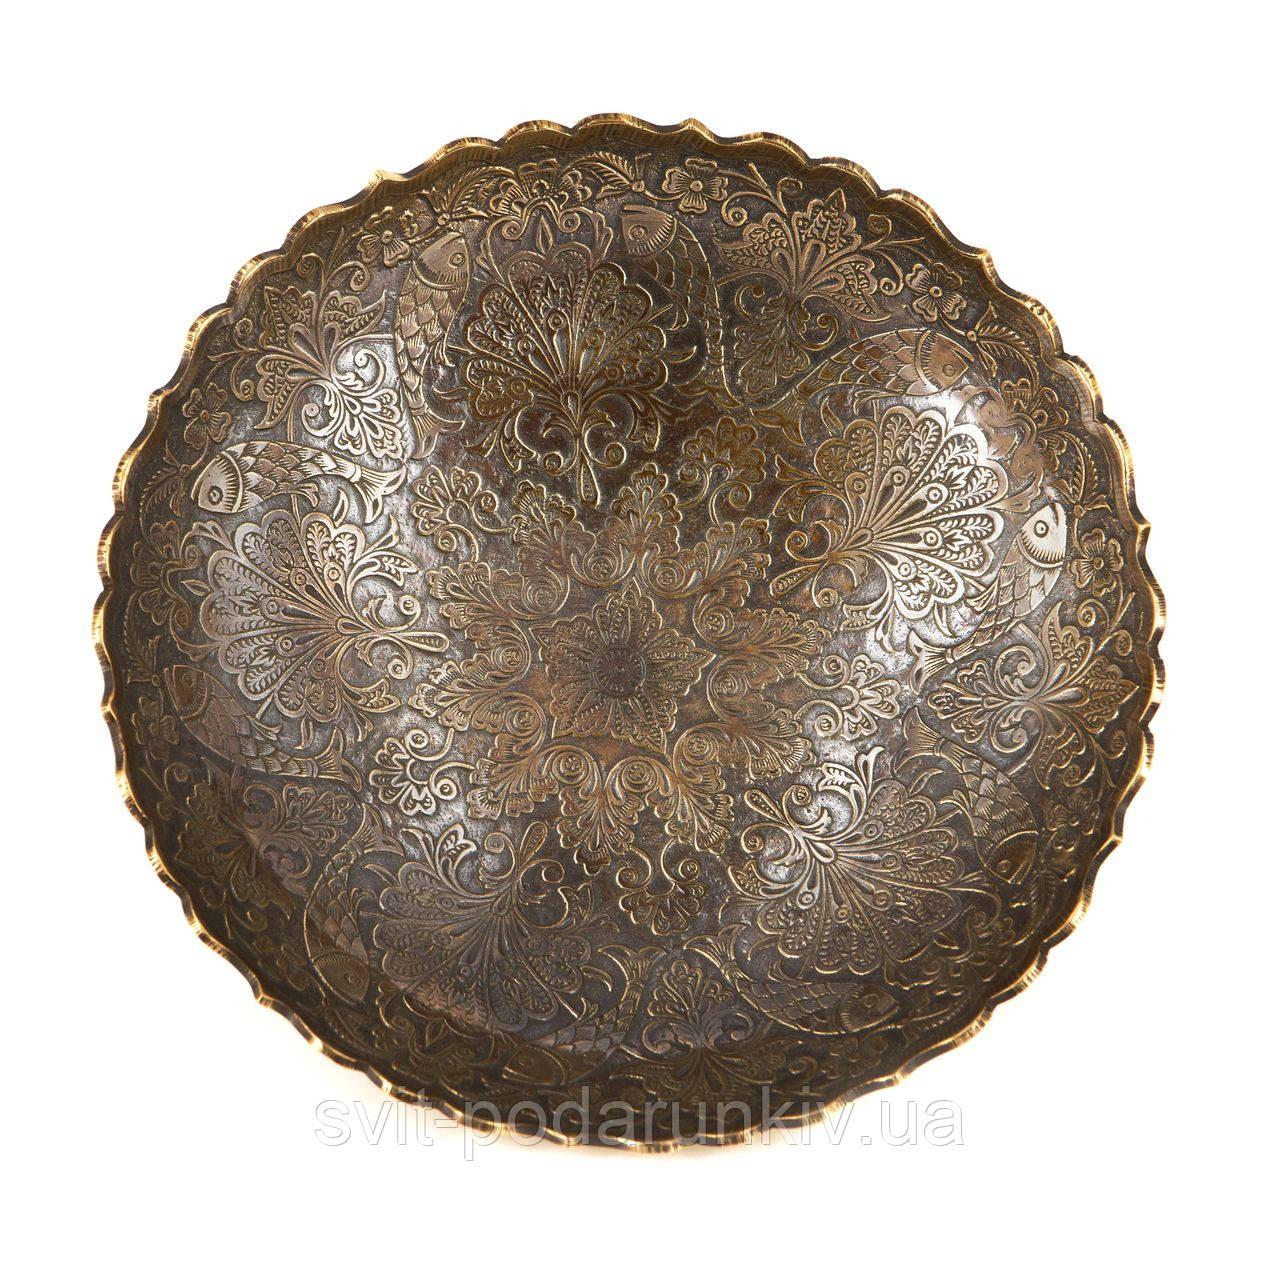 конфетница ваза для печенья